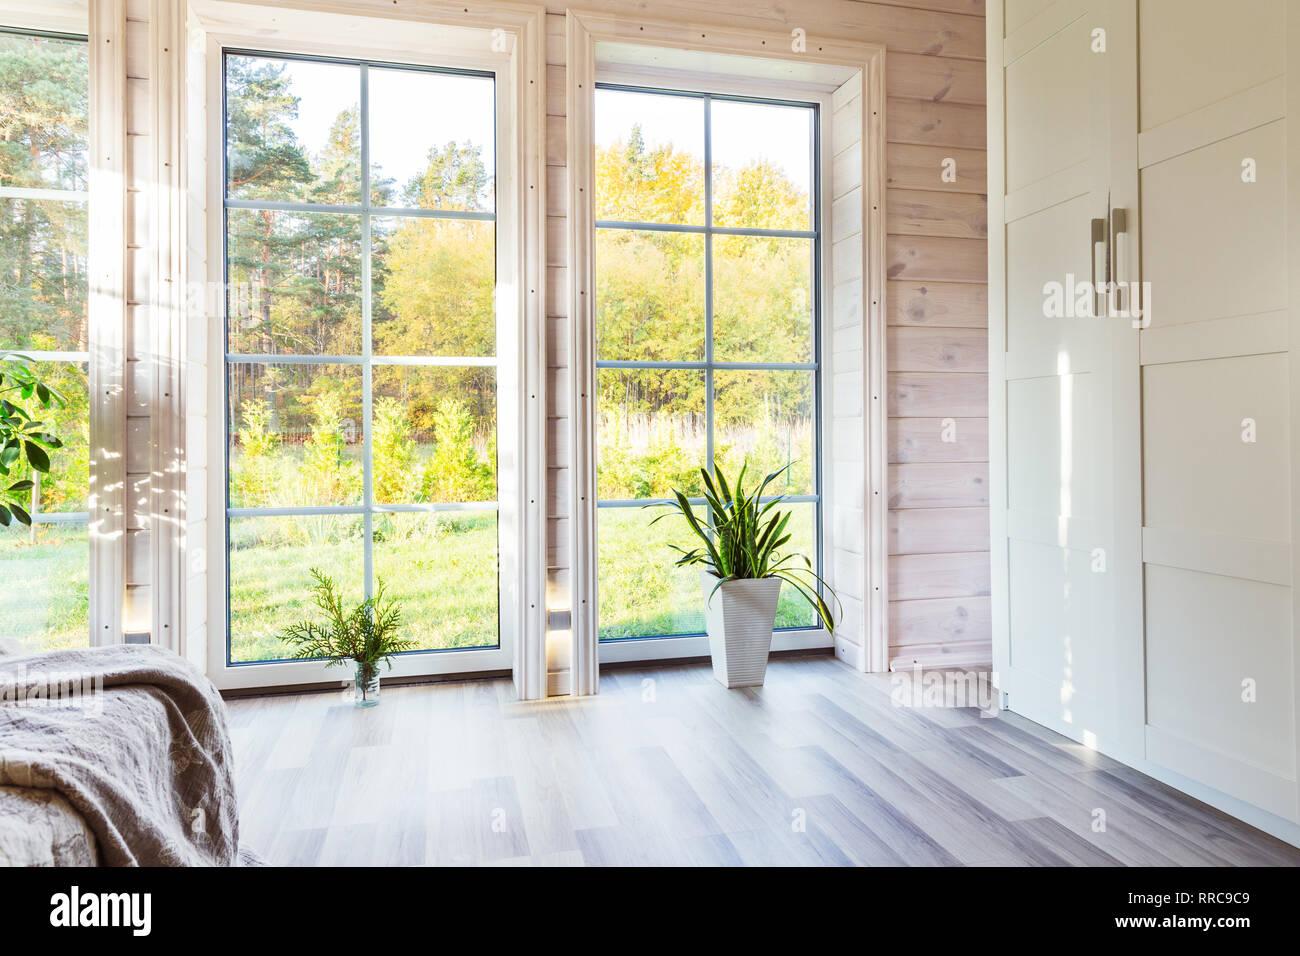 62a4ca1e1e65a1 Hellen Innenraum, Zimmer im Holzhaus mit großem Fenster. Im ...